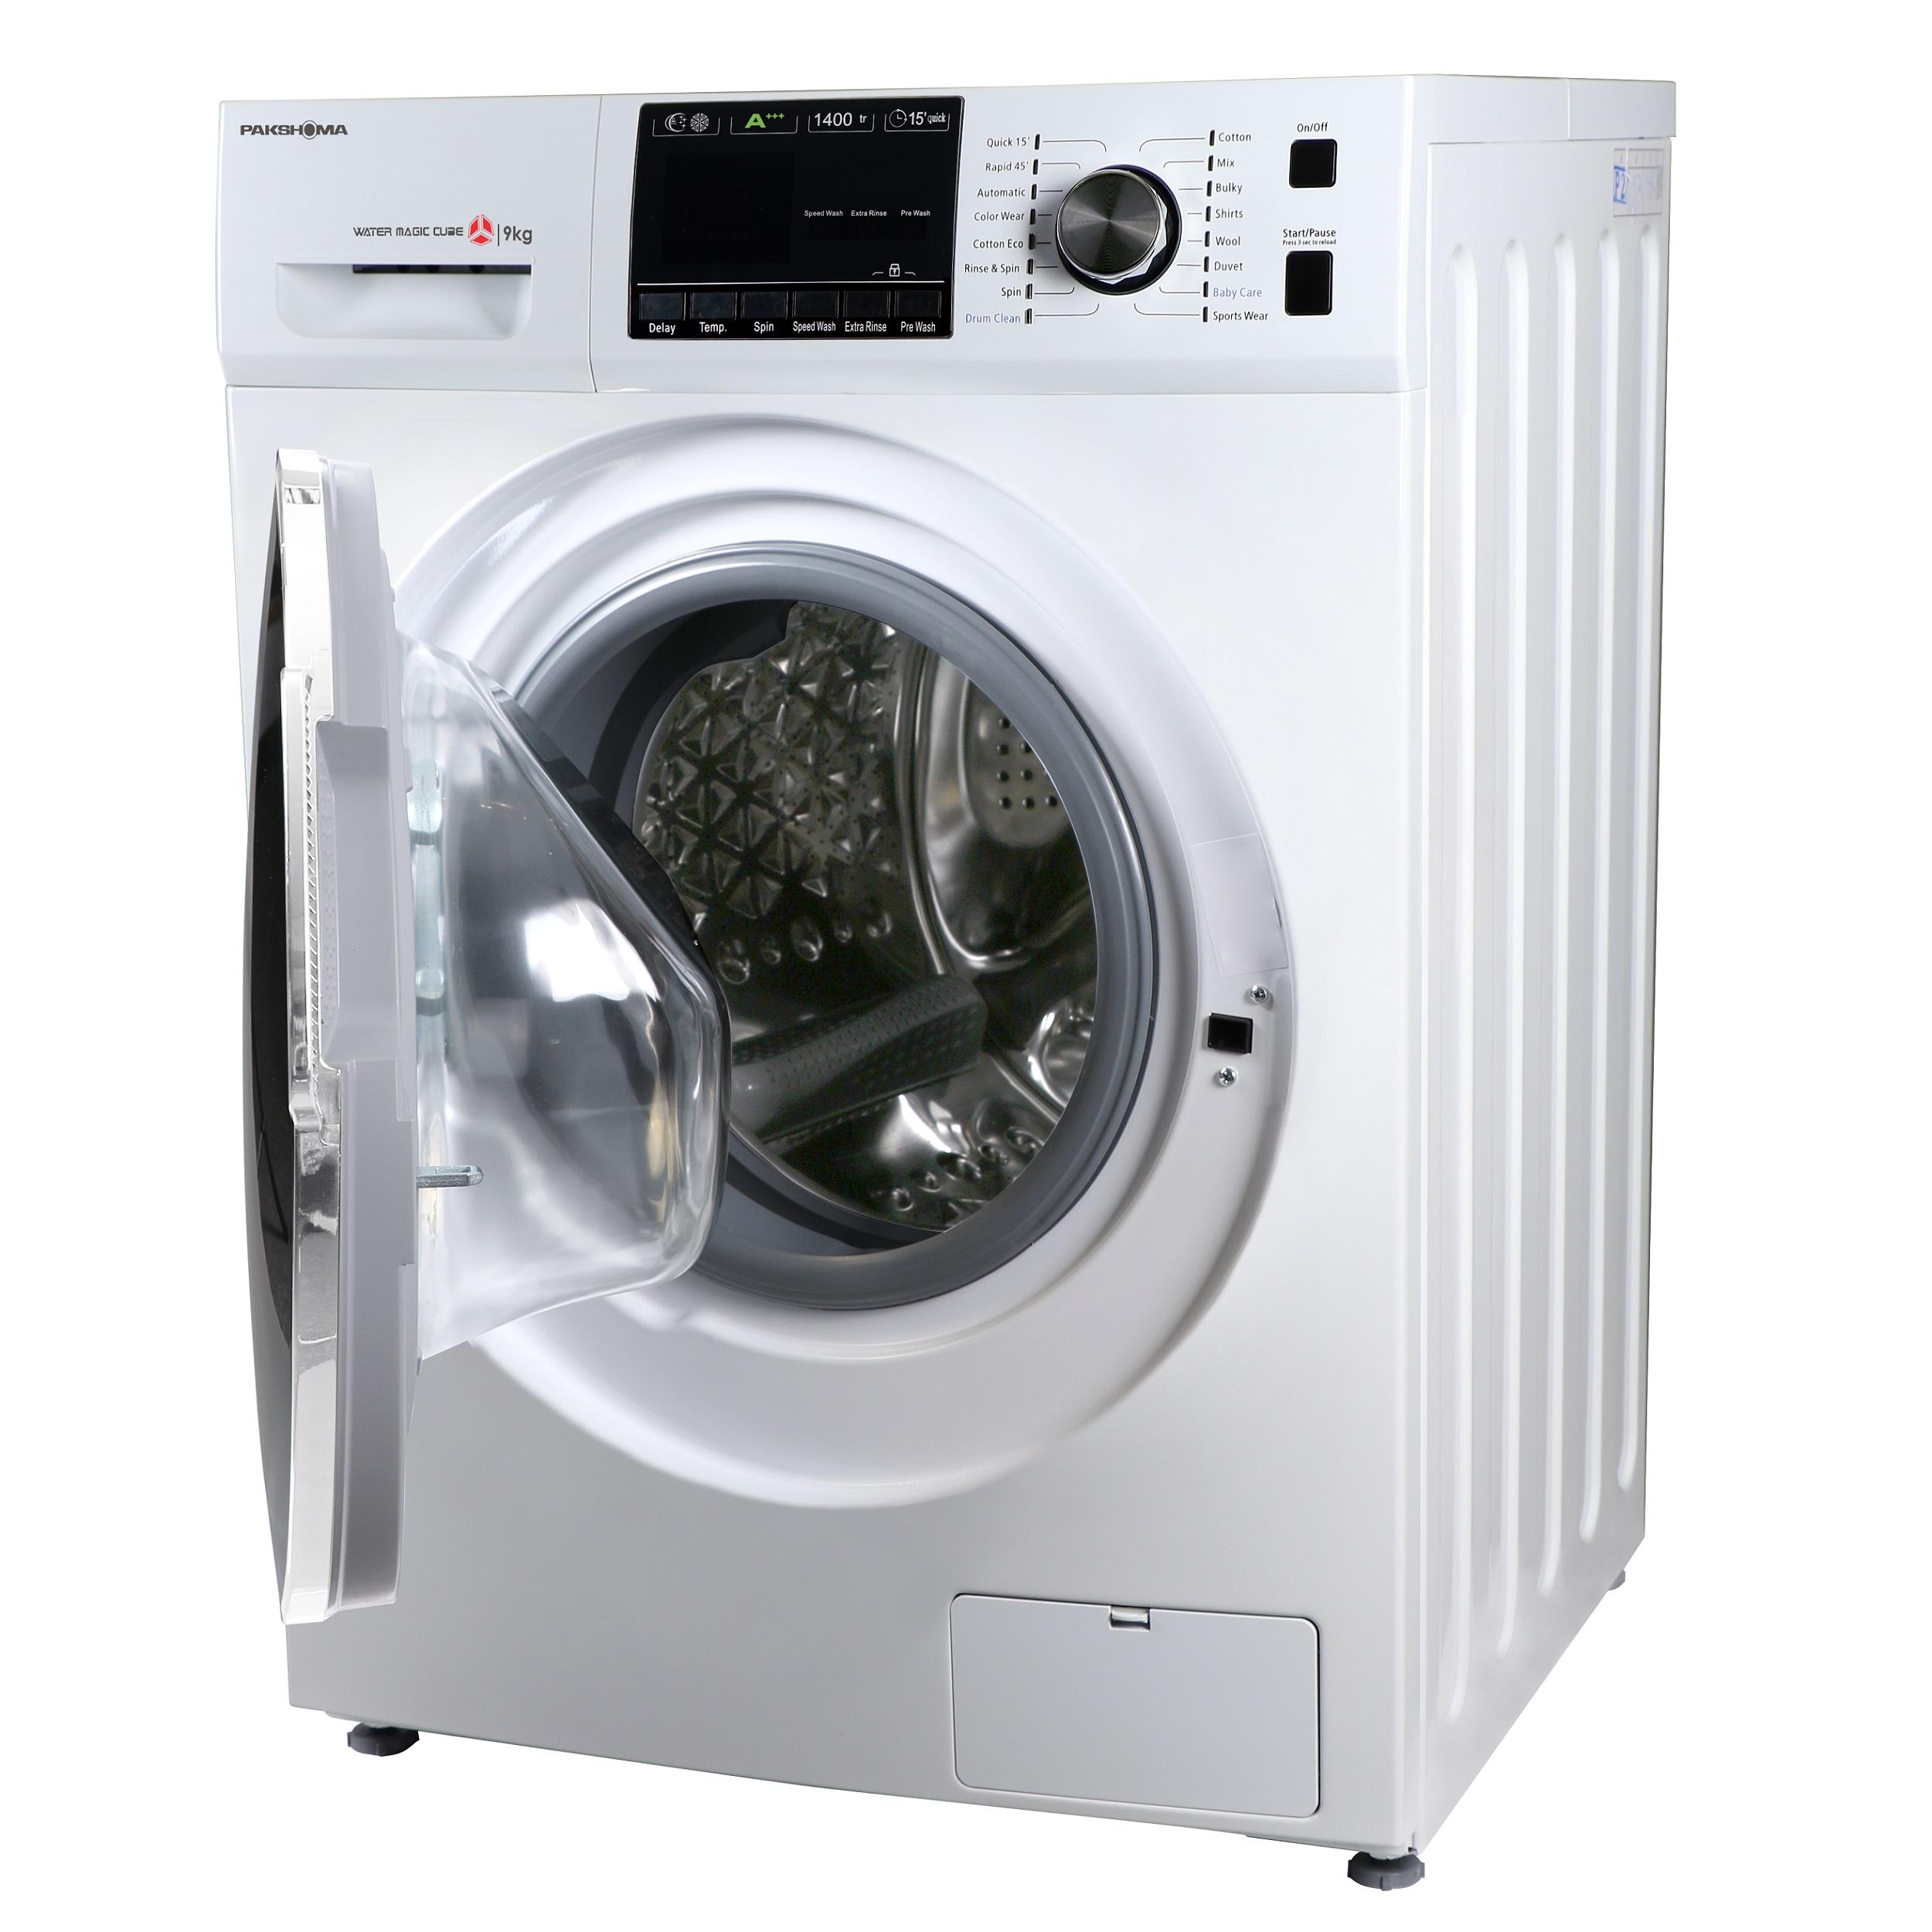 ماشین لباسشویی پاکشوما مدل TFU-94407 ظرفیت 9 کیلوگرم main 1 5